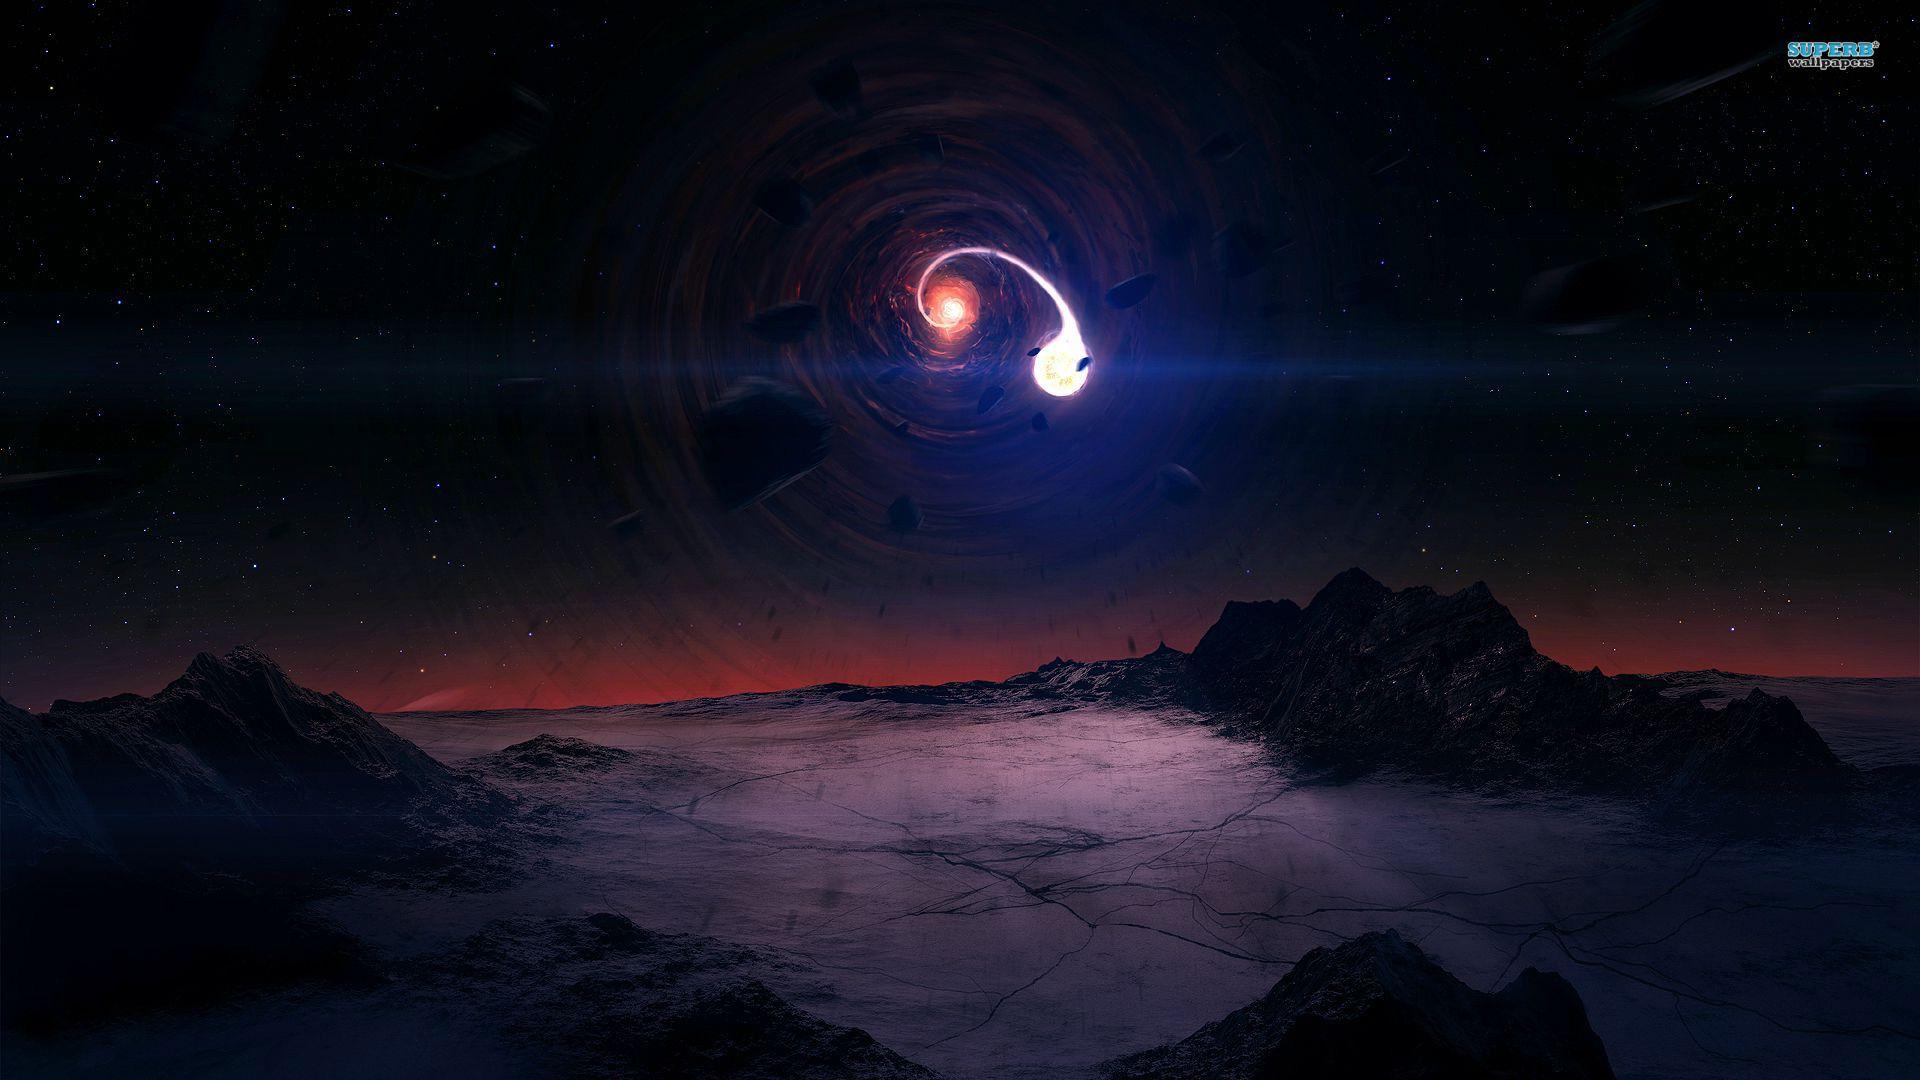 Interstellar black hole gargantua hd desktop wallpaper high hd interstellar black hole gargantua hd desktop wallpaper high publicscrutiny Choice Image